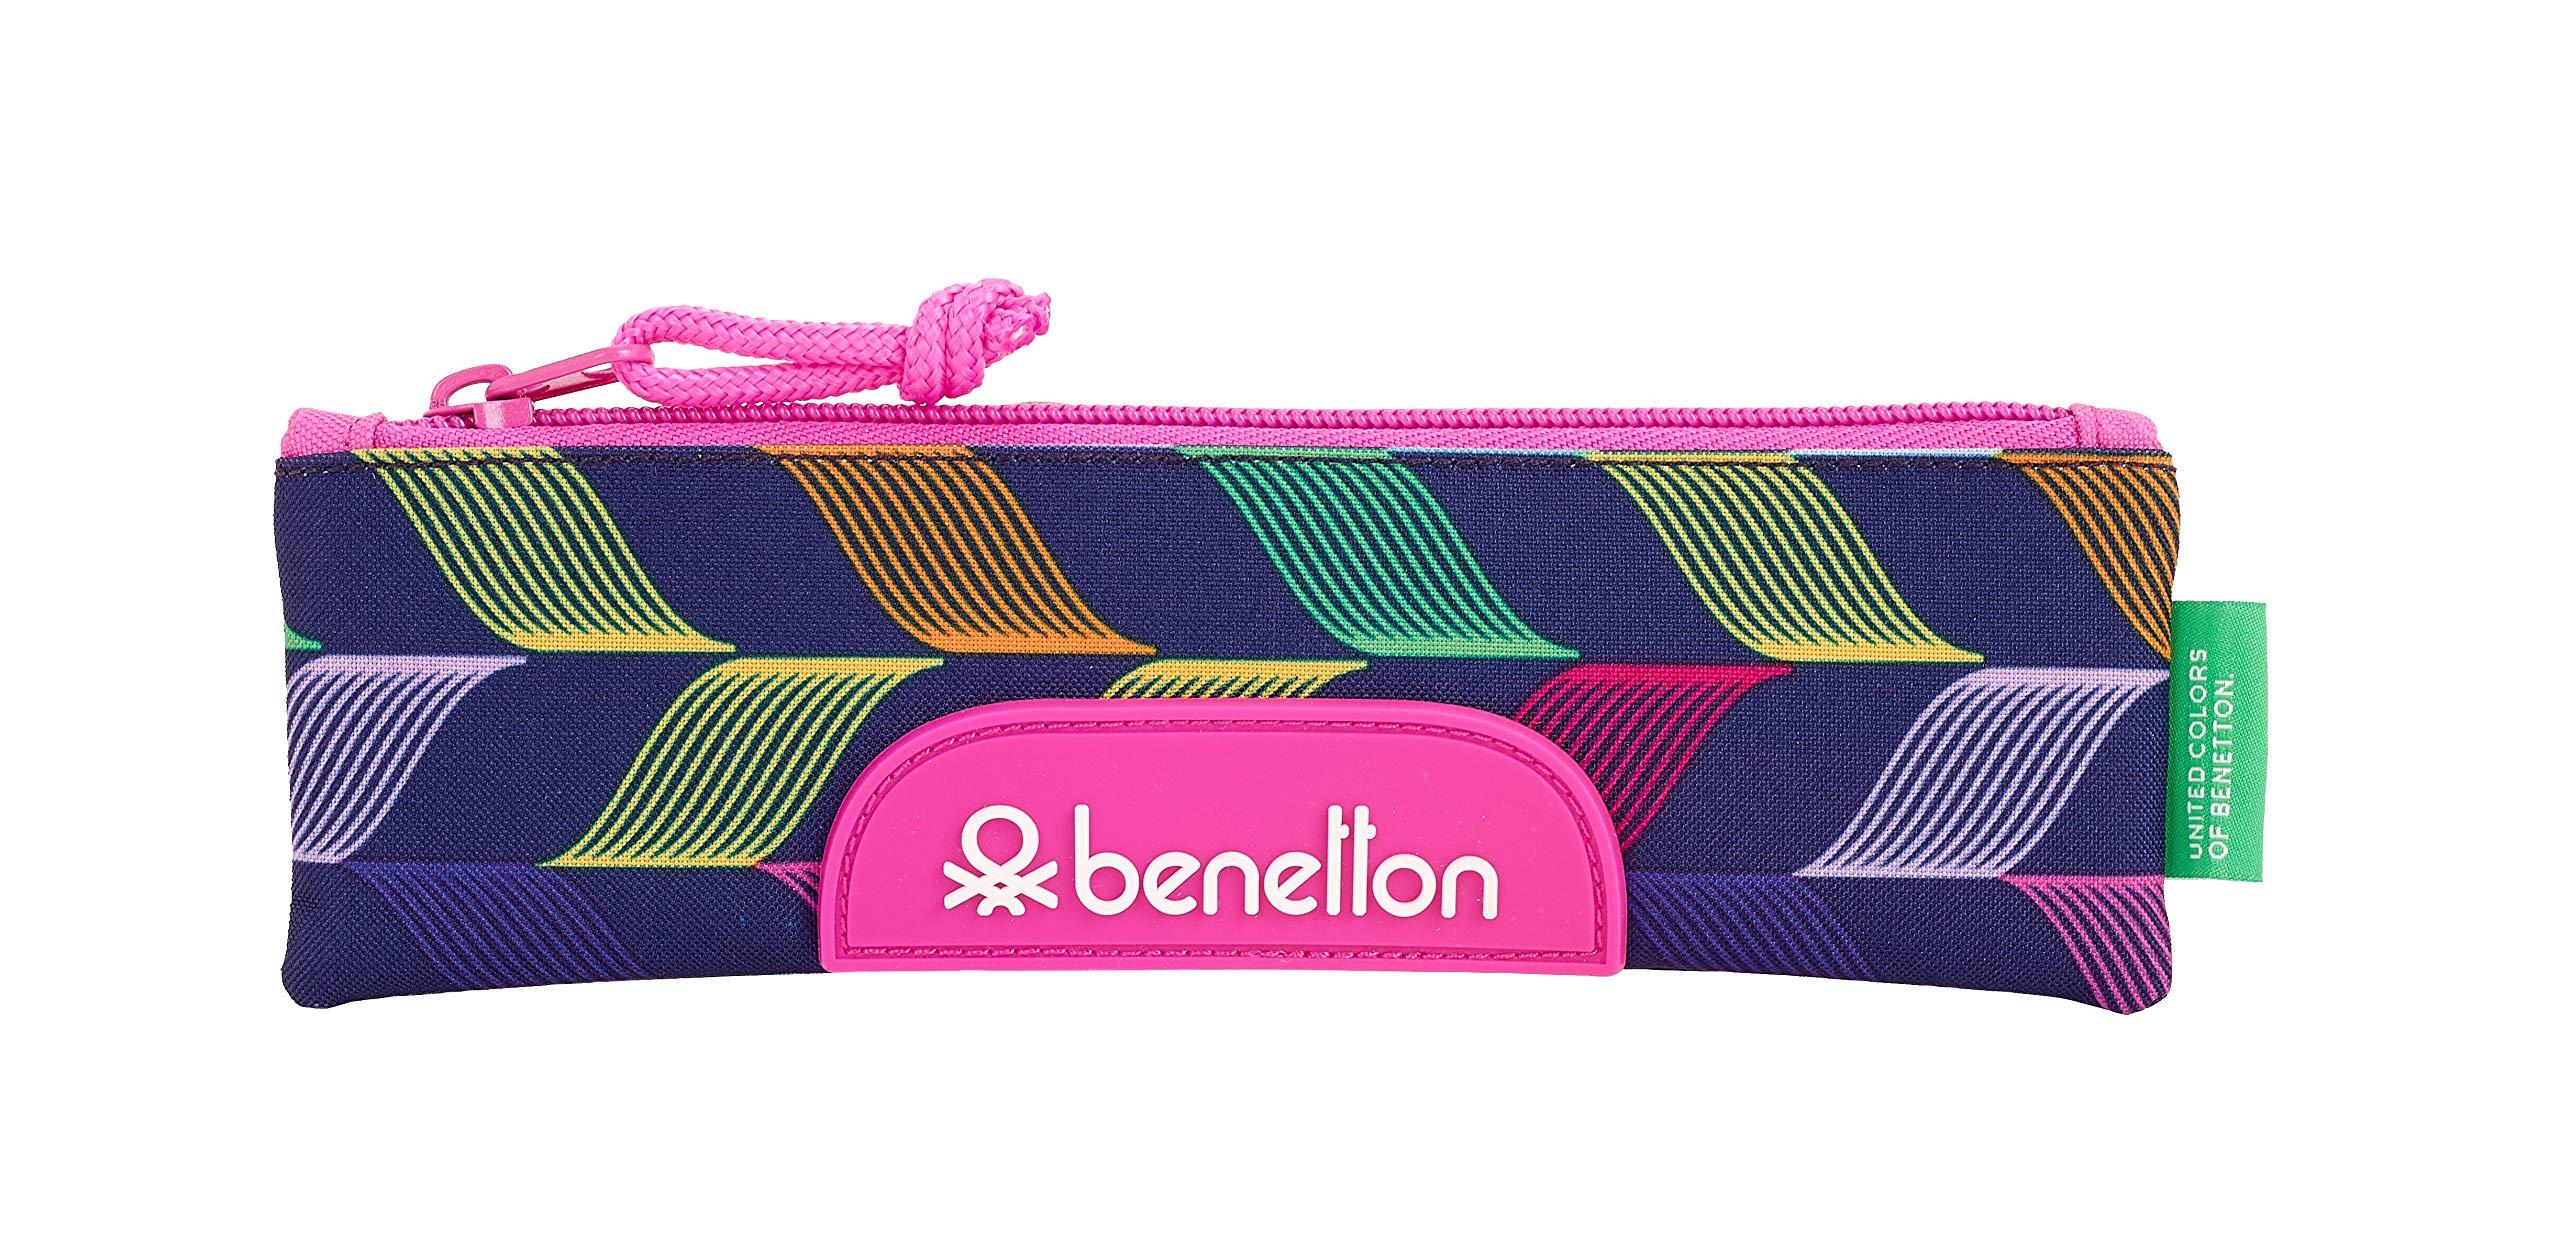 Benetton «Ondas» Oficial Estuche Escolar 200x60mm